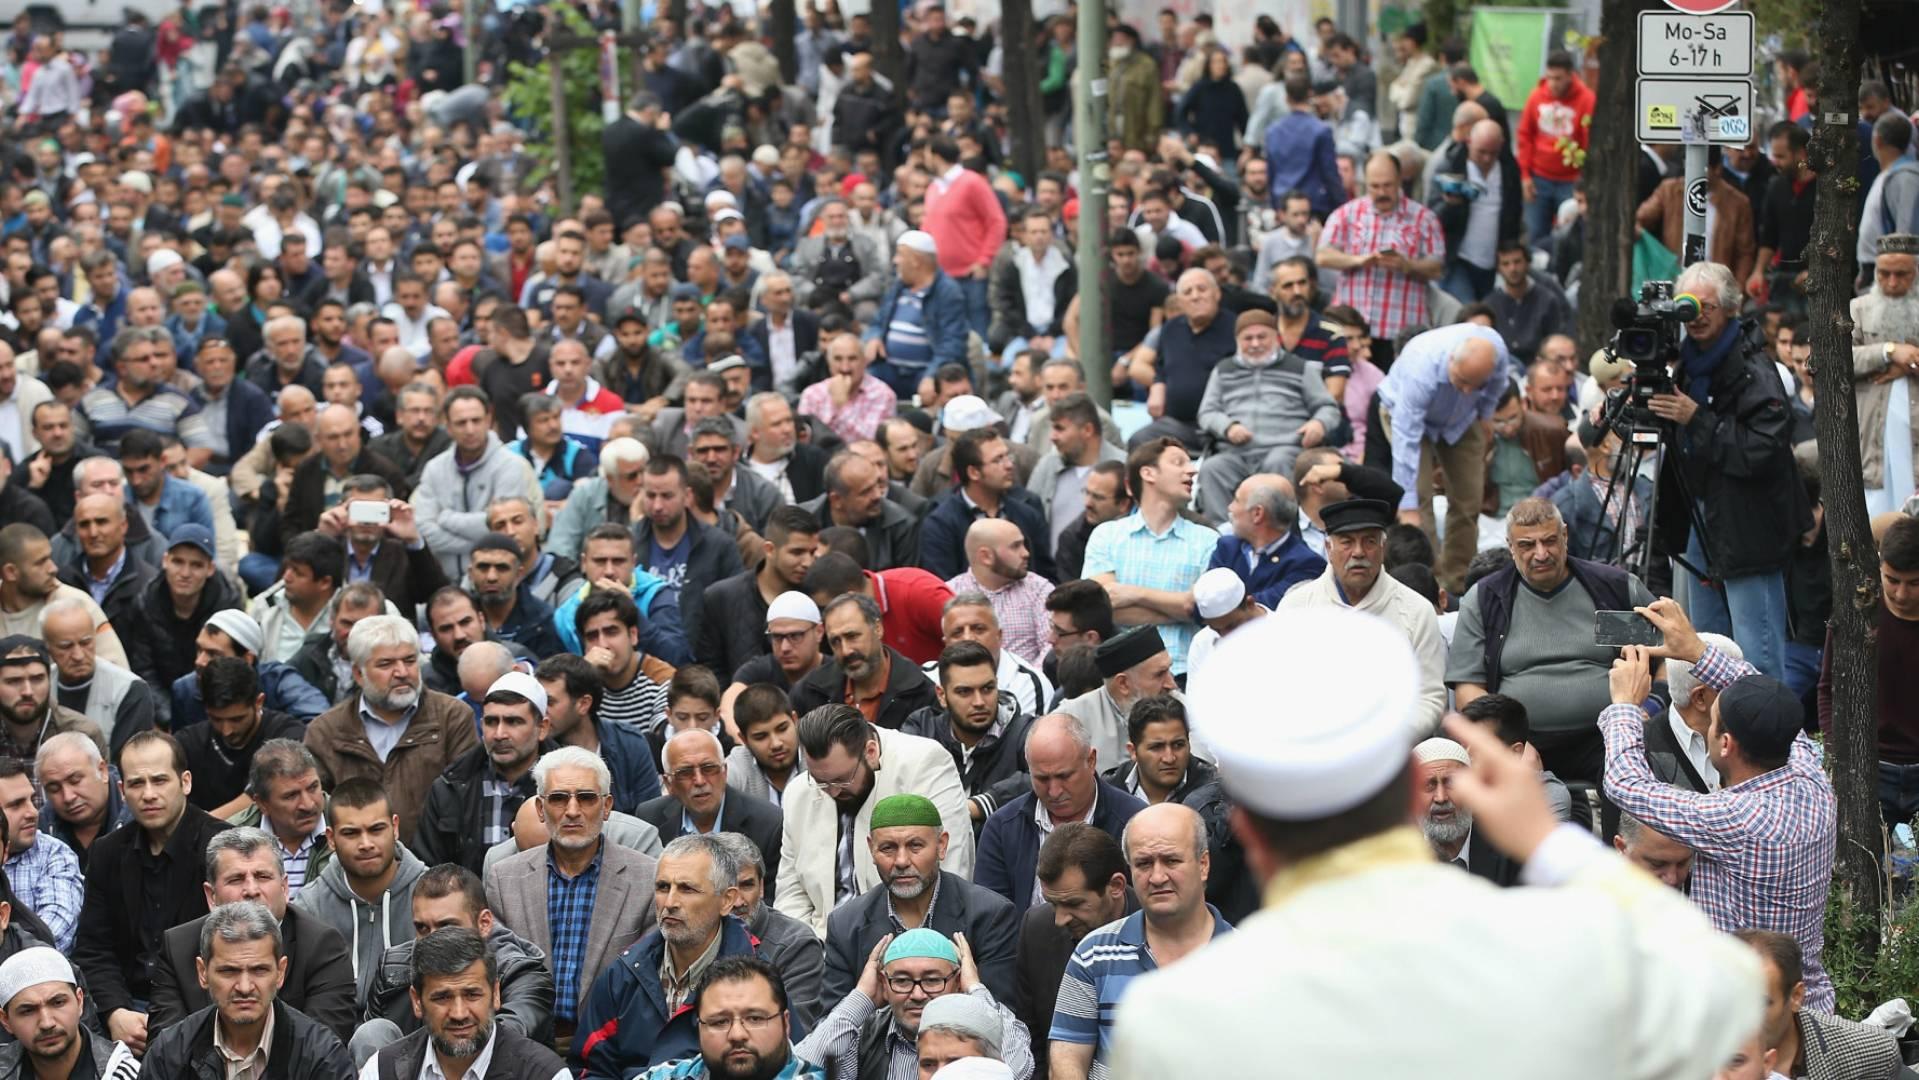 Мусульмане в Берлине протестуют против насилия «Исламского государства»* в Сирии и Ираке, 2014 (Фото: Sean Gallup/Getty Images)